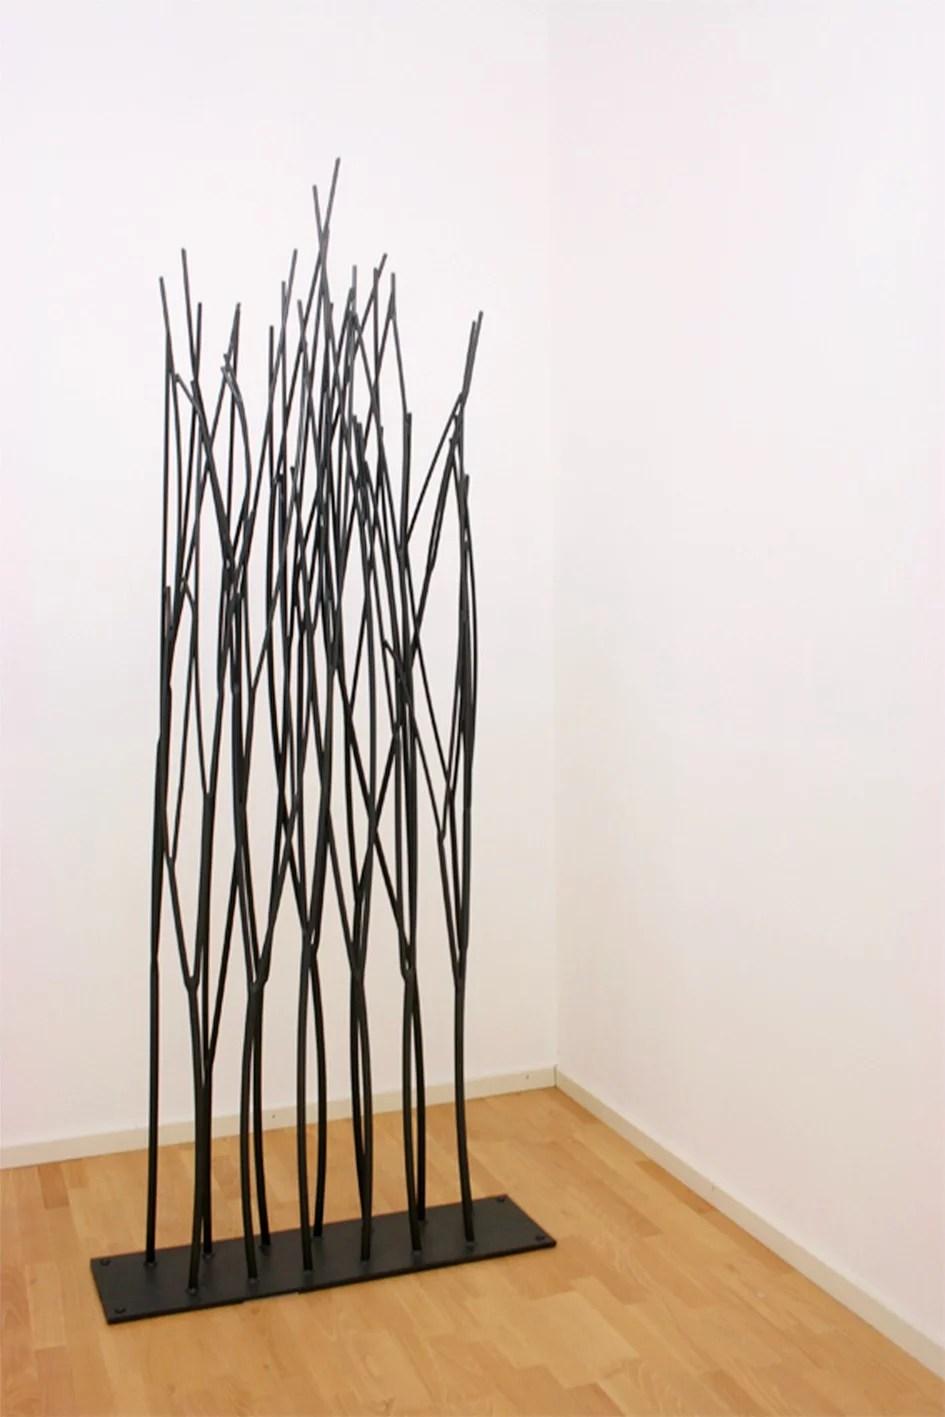 Manuela Tirler, Waldstück LIX, 2016. Foto: Galerie Ruppert.